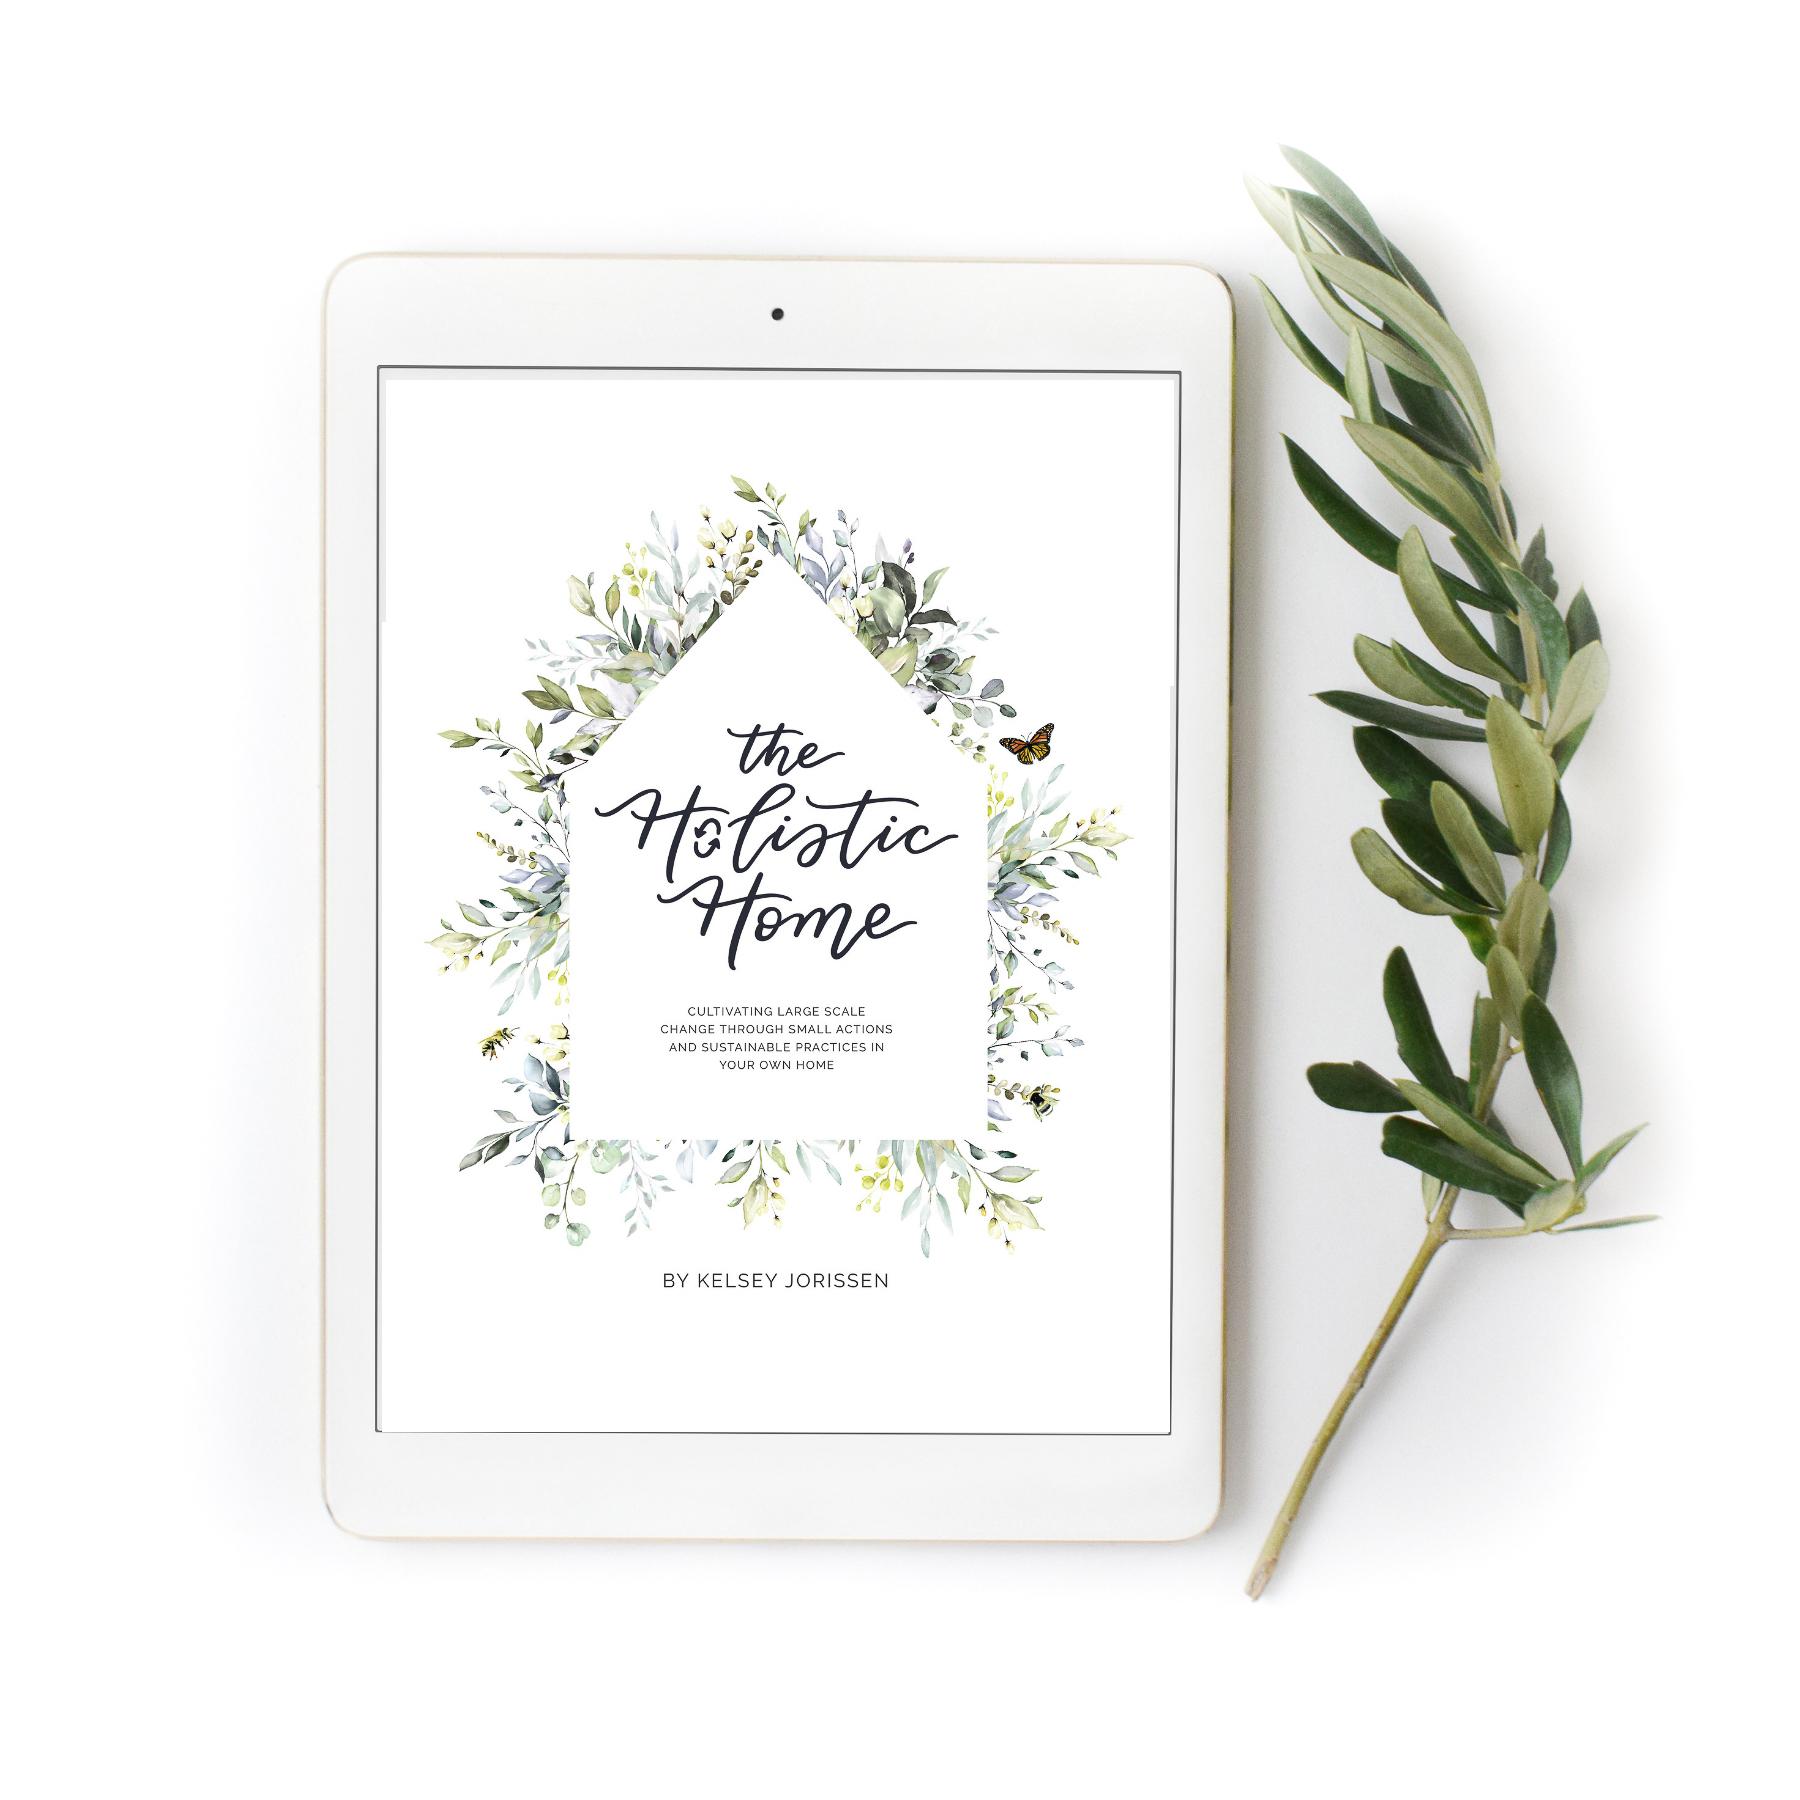 The Holistic Home ebook is here.jpg